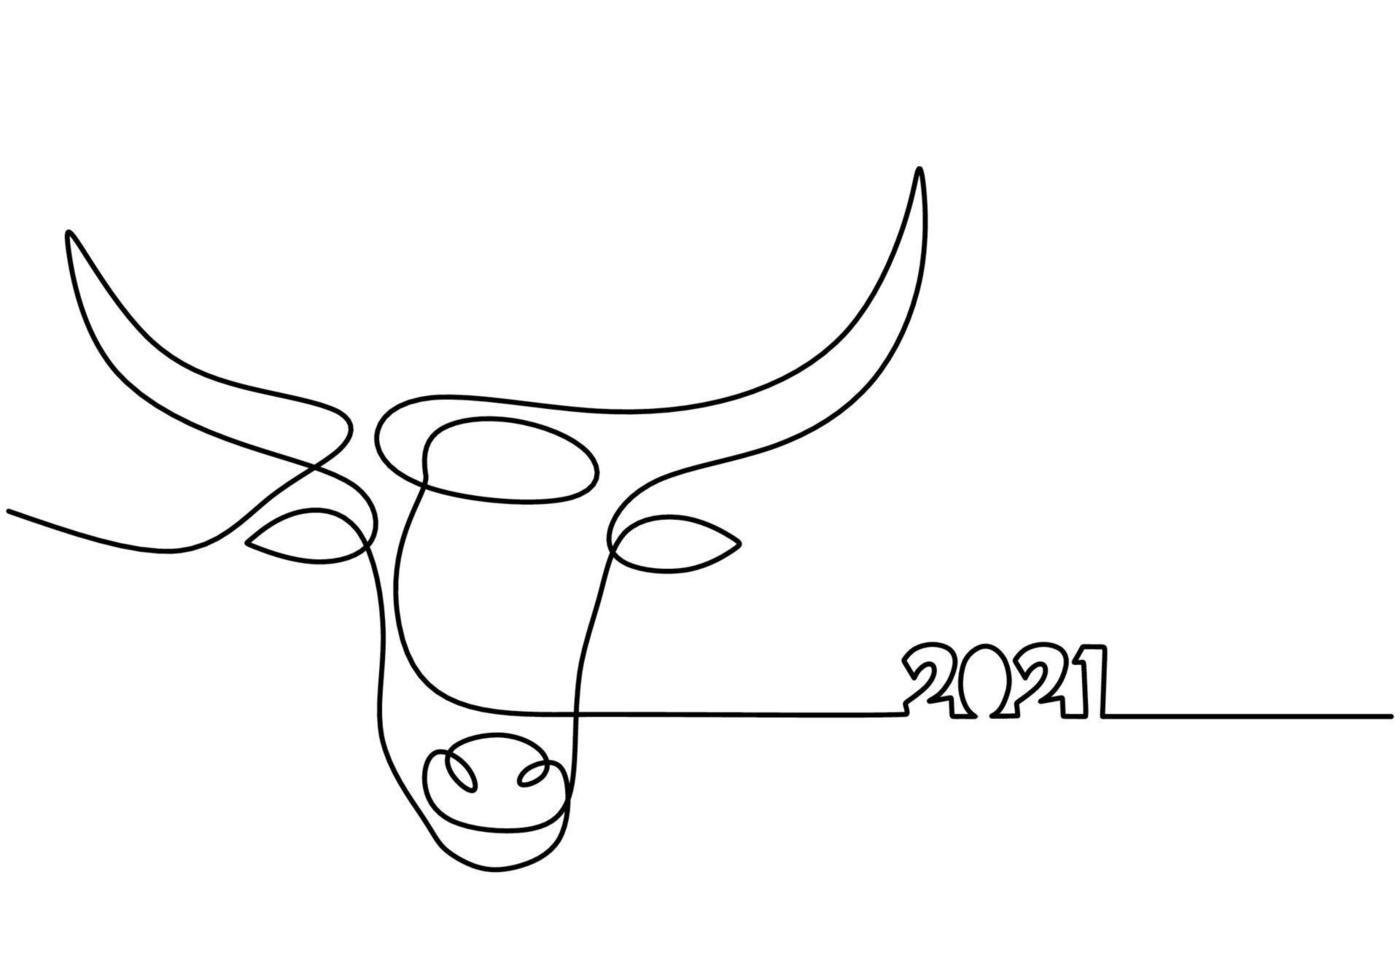 taureau dessin d'une ligne continue. symbole de la nouvelle année 2021. le concept de force, de confiance et de fiabilité isolé sur fond blanc. bonne année conception de minimalisme simple vecteur